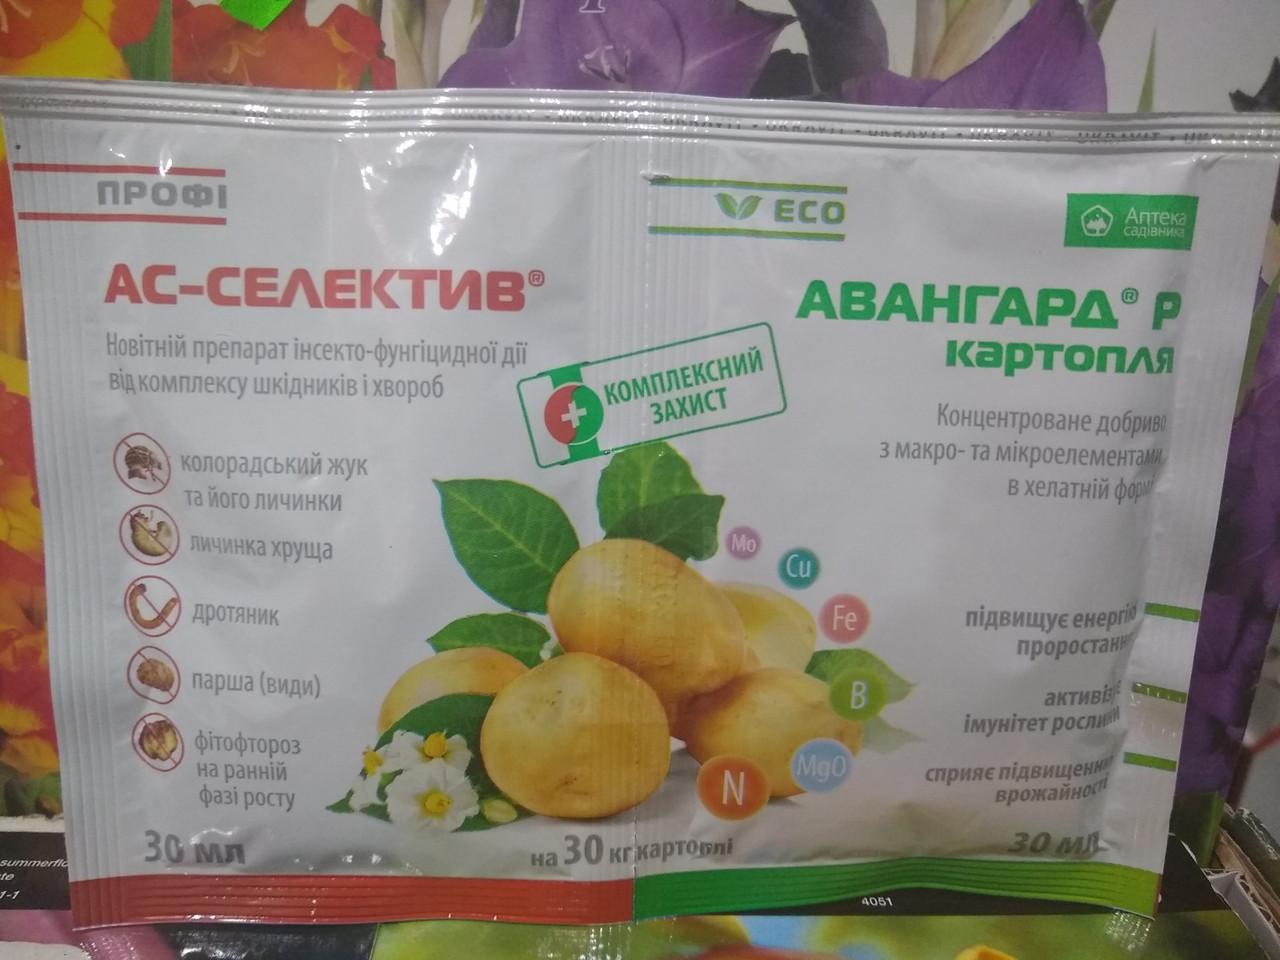 """Протравитель фунгицидно-инсектицидного действия """"АС-СЕЛЕКТИВ """" 30мл на 30-40 кг картофеля, """"Укравит"""", Украина"""